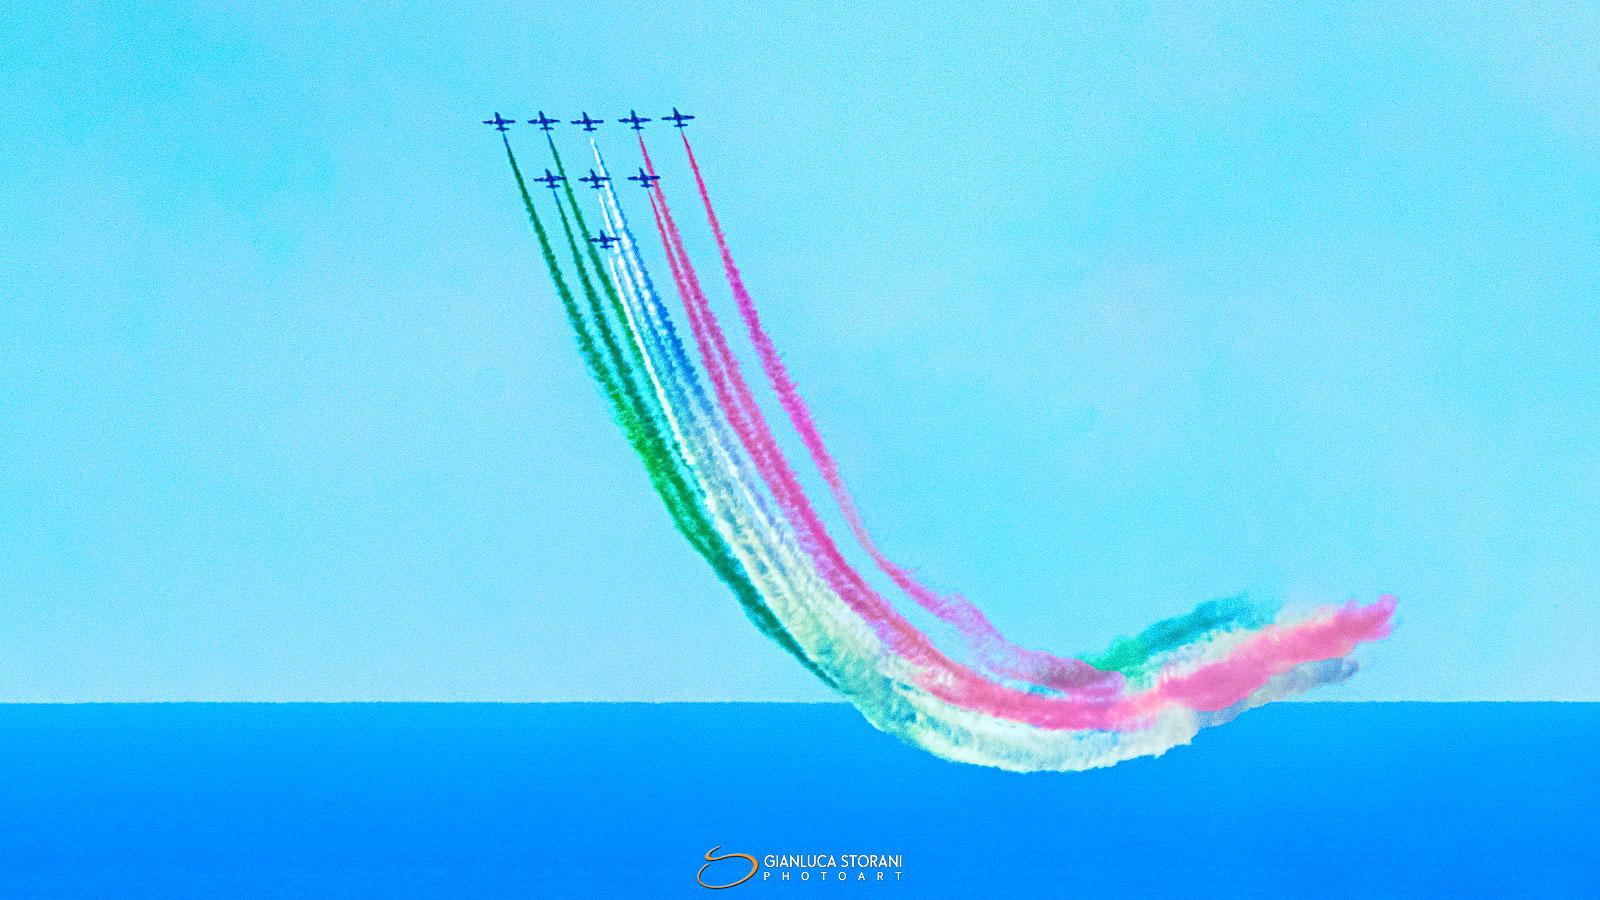 Le Frecce Tricolori tra cielo e mare - Gianluca Storani Photo Art (ID: 4-0894)